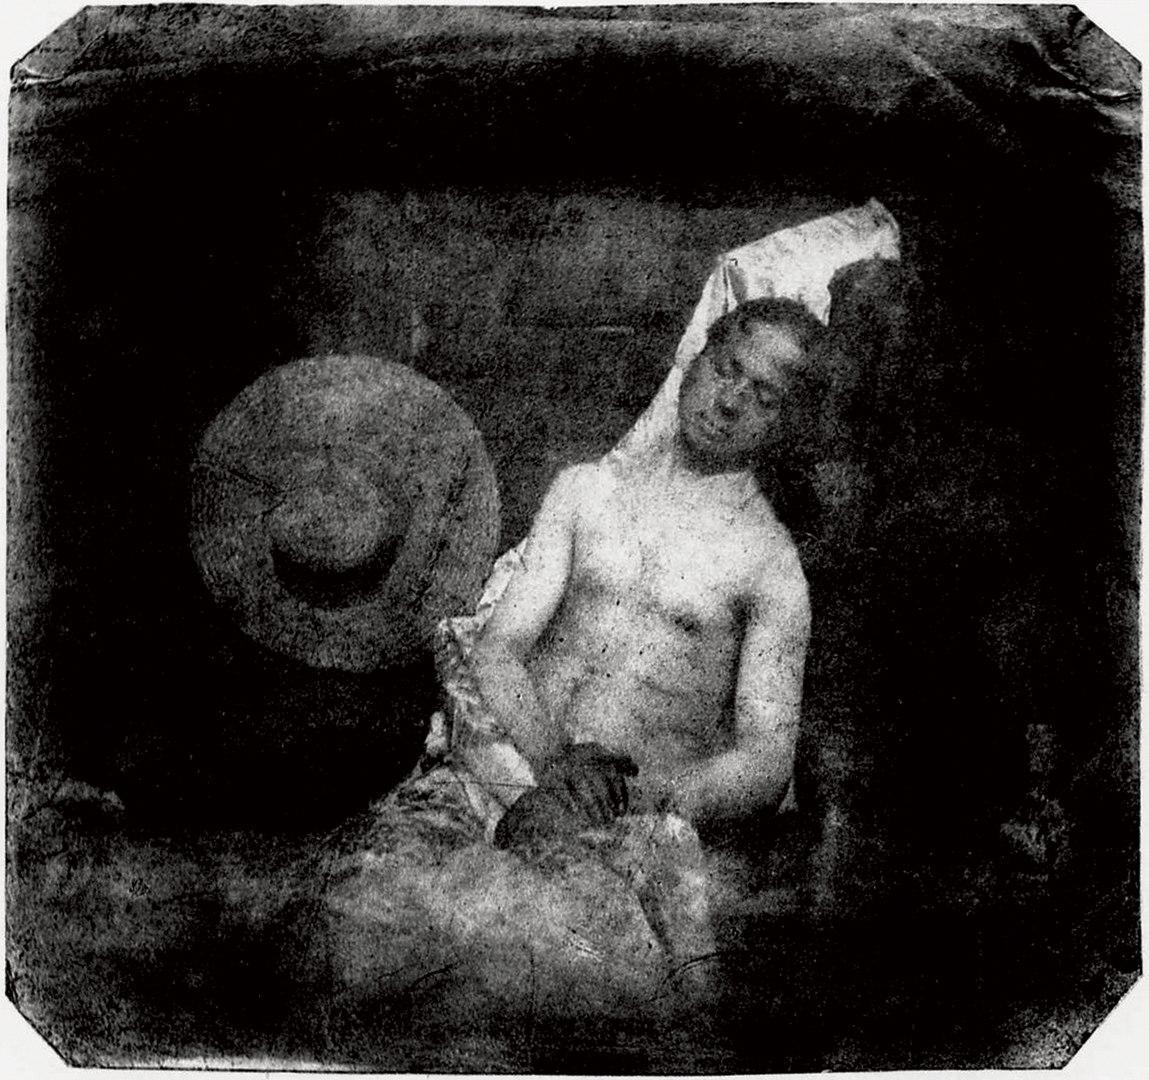 Fotó: Hippolyte Bayard: Önarckép vízbefúltan, 1840. október 18.